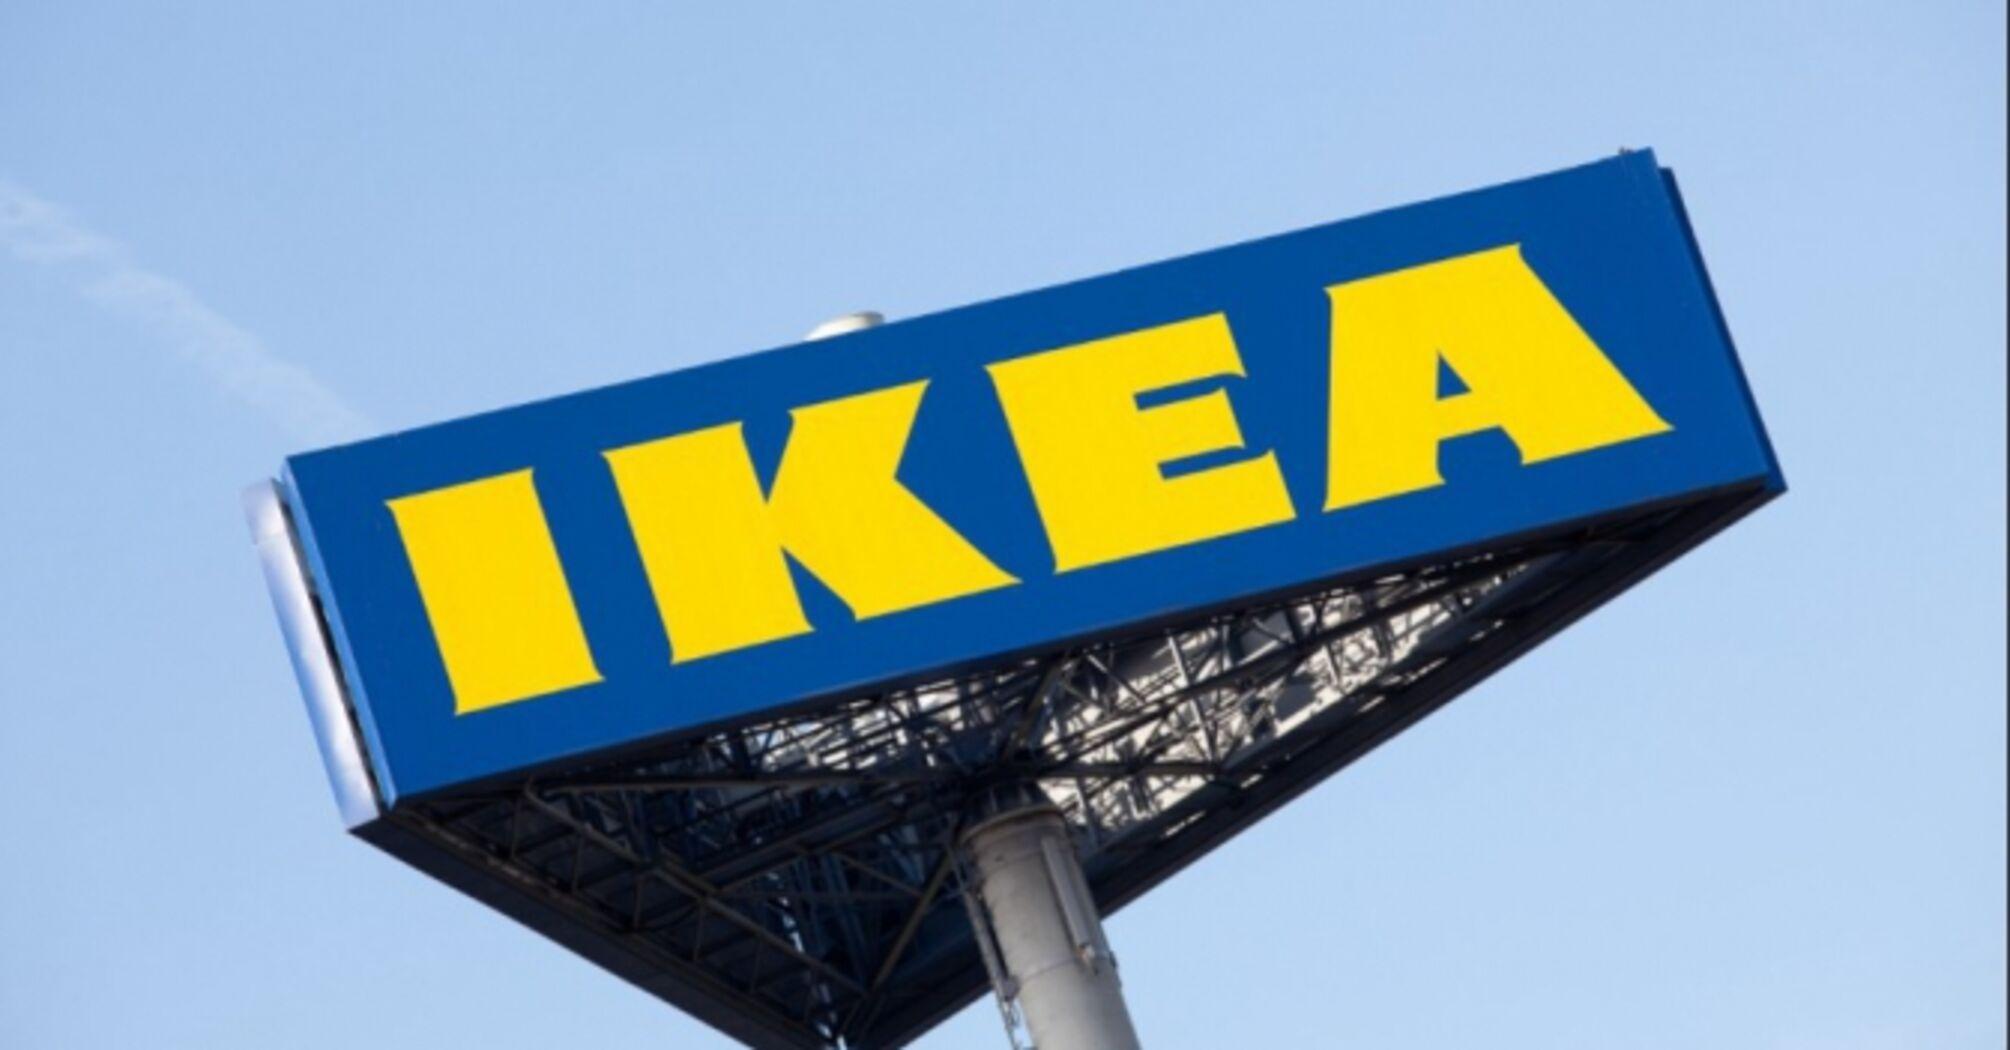 В IKEA пояснили, чому в Україні ціни на товари вище, ніж в інших країнах